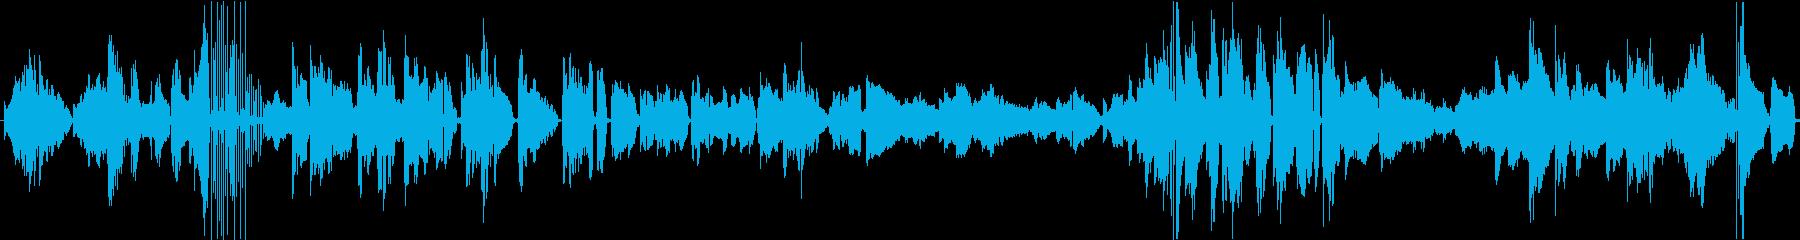 スムーズジャズ。の再生済みの波形